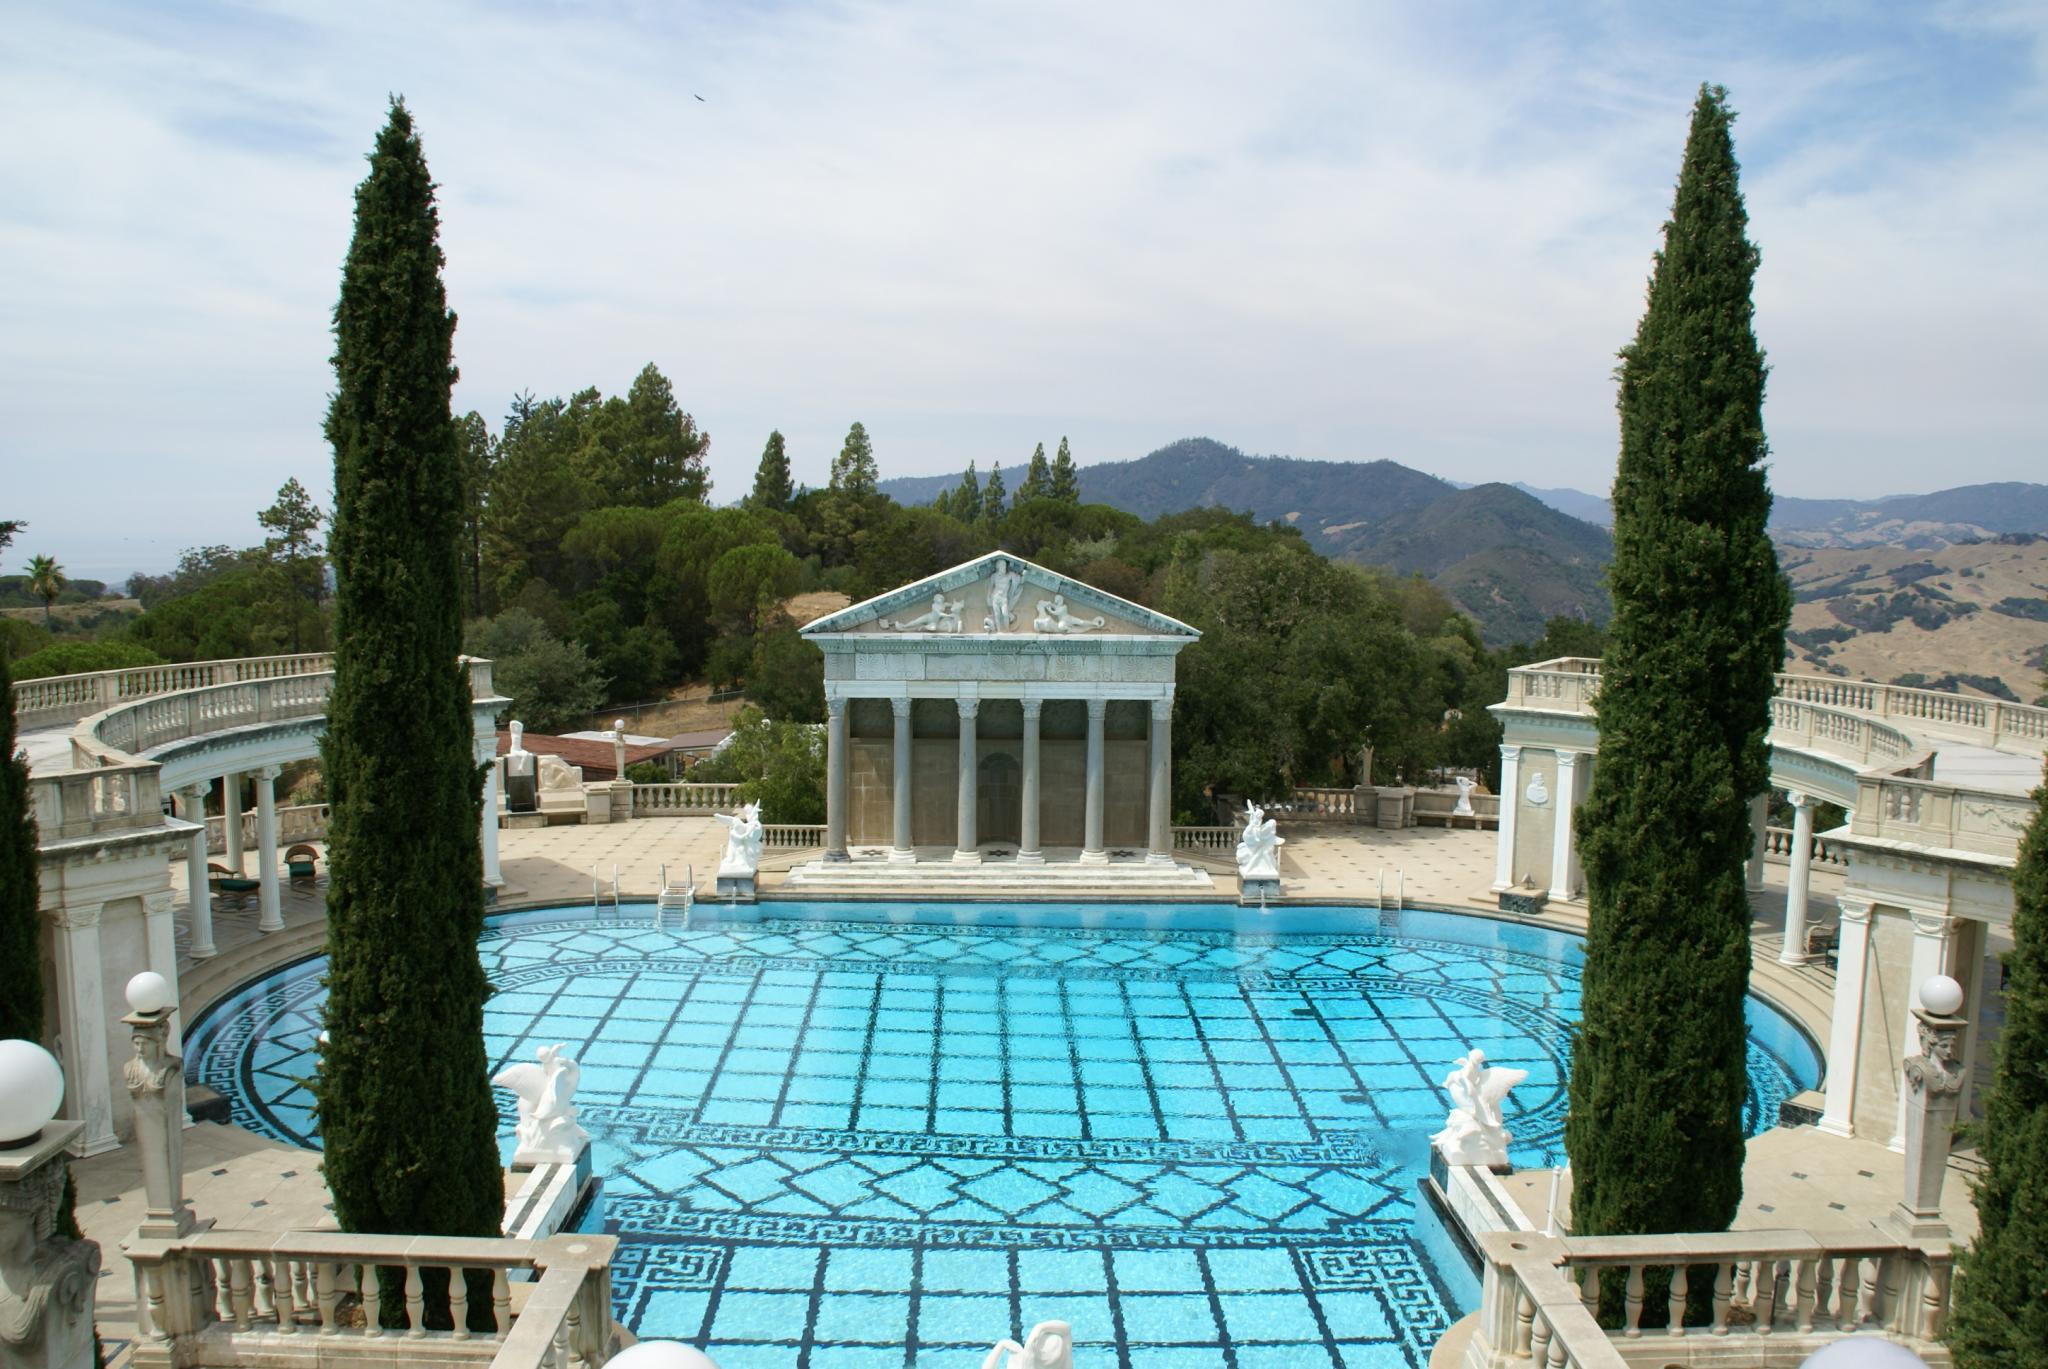 Санта-Барбара, Солванг и замок Херст — однодневный тур из Лос-Анджелеса